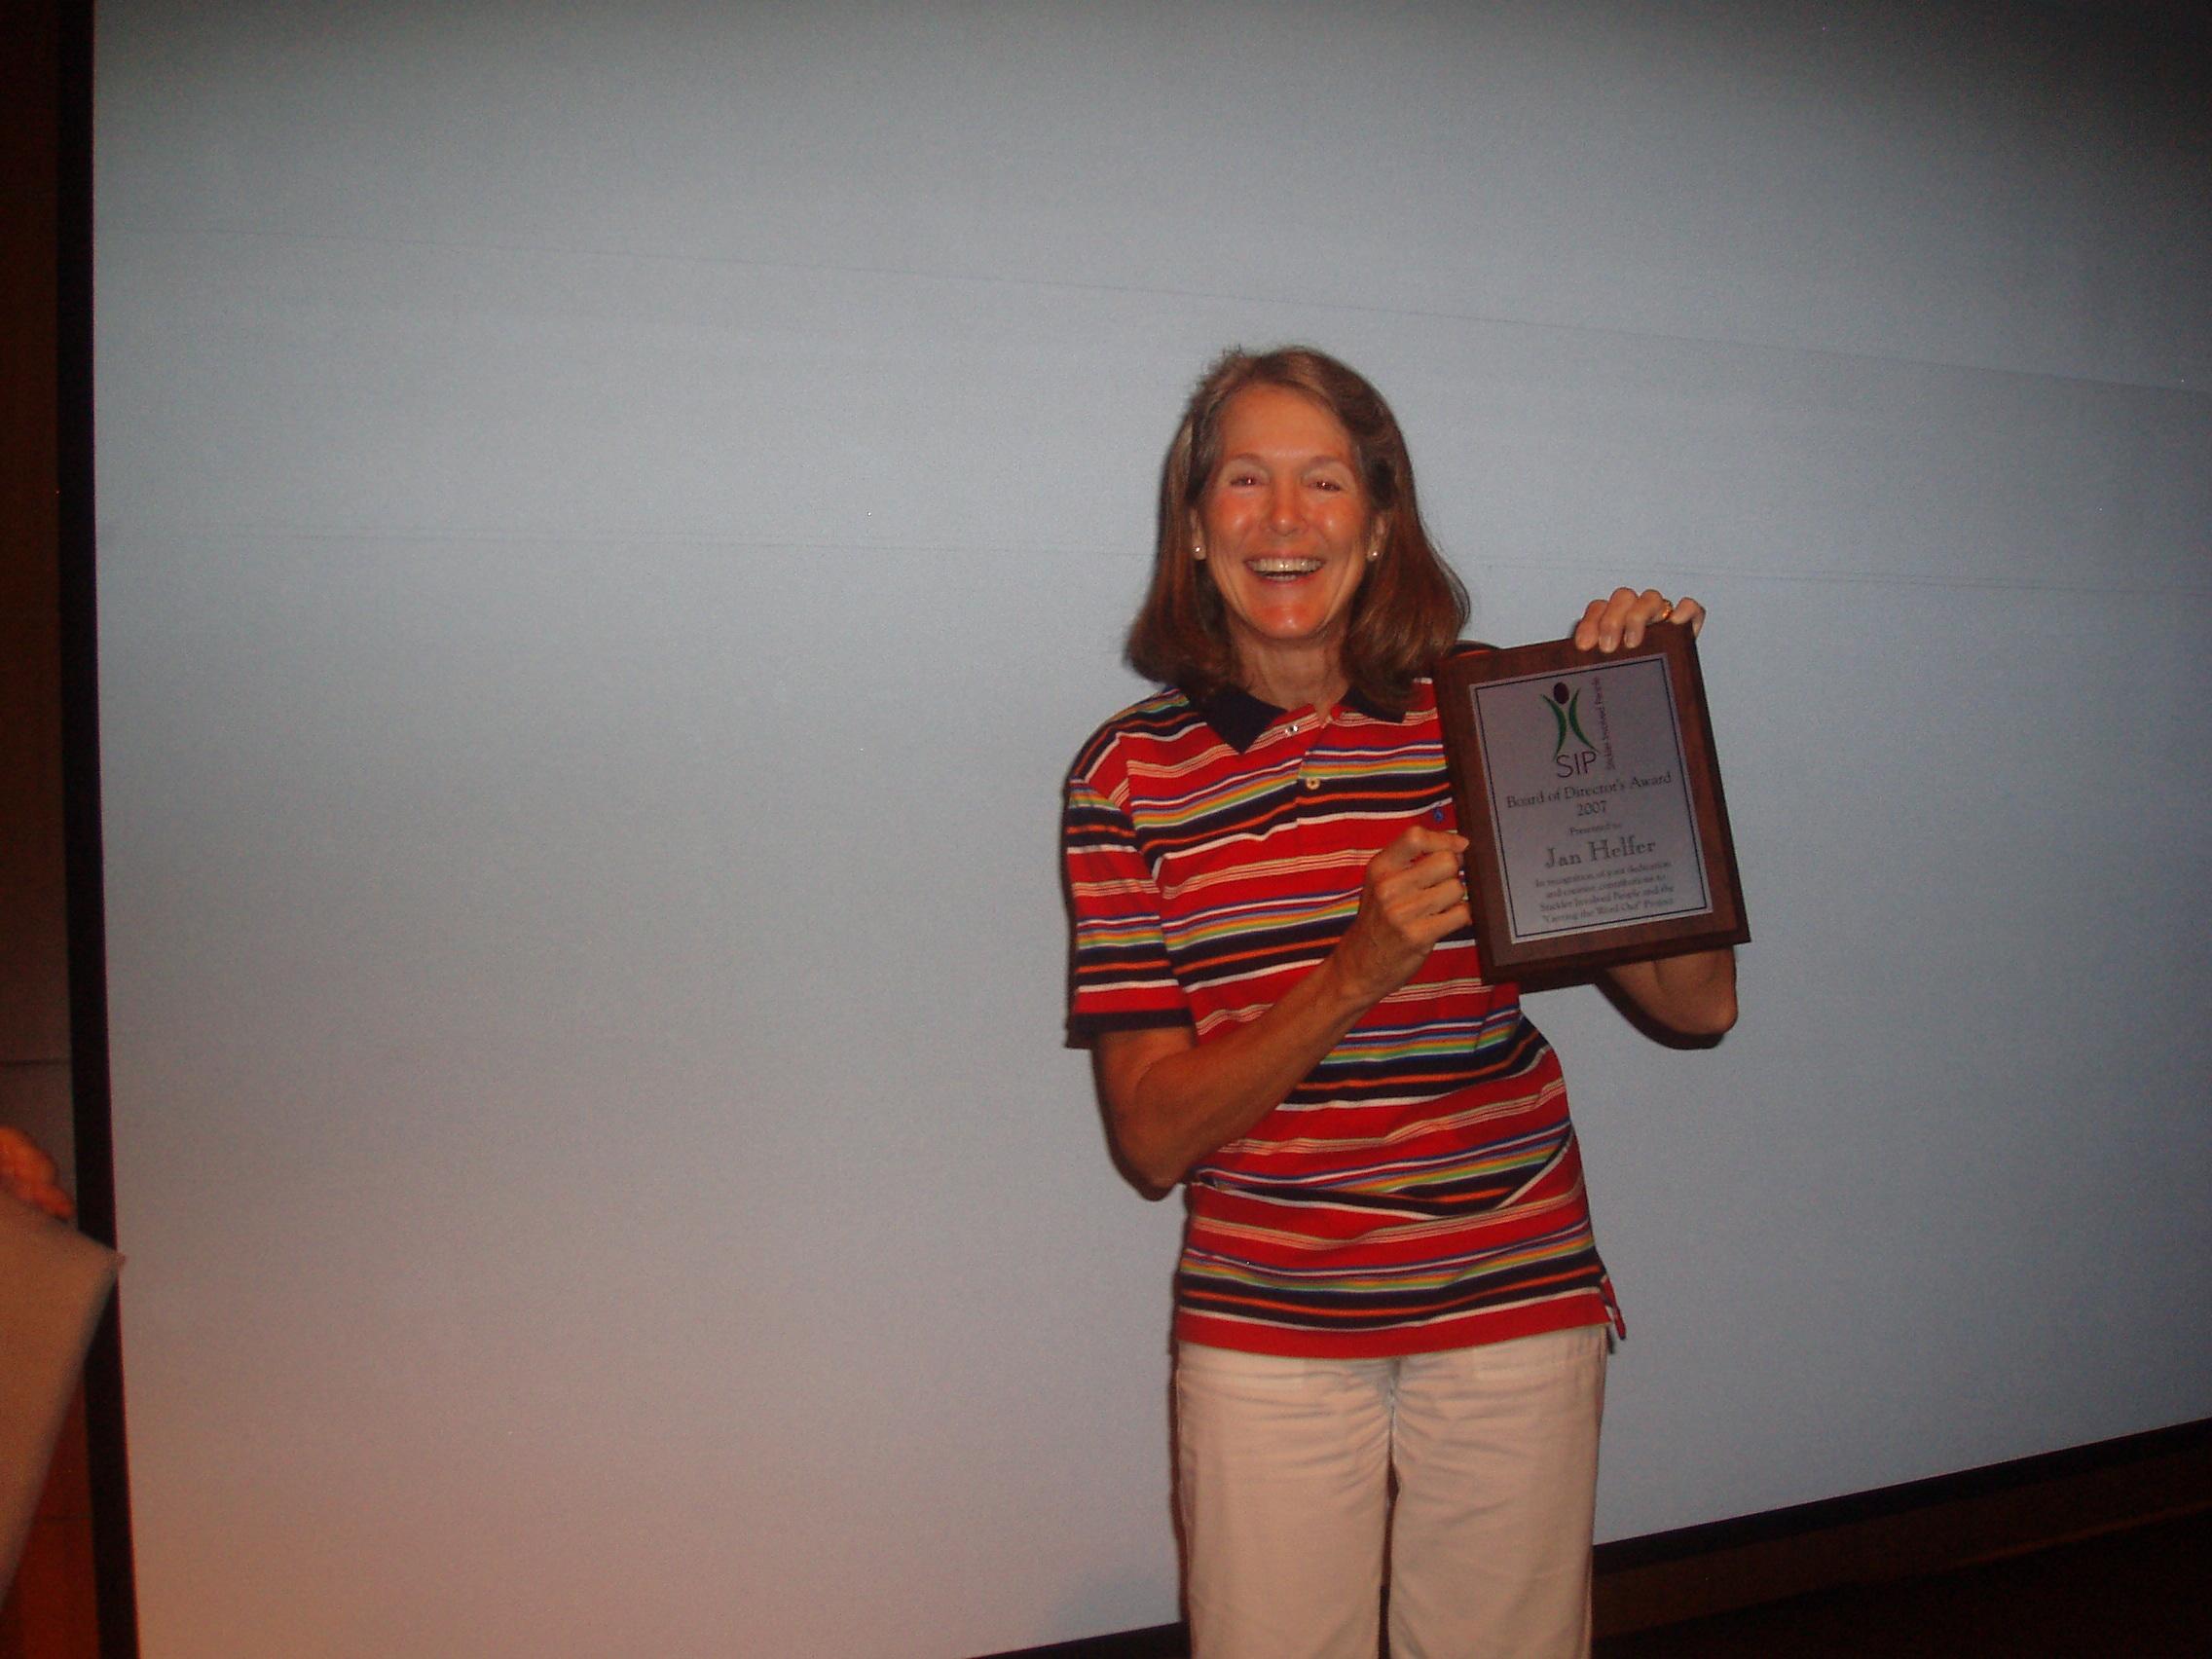 Jan Helfer with her Award